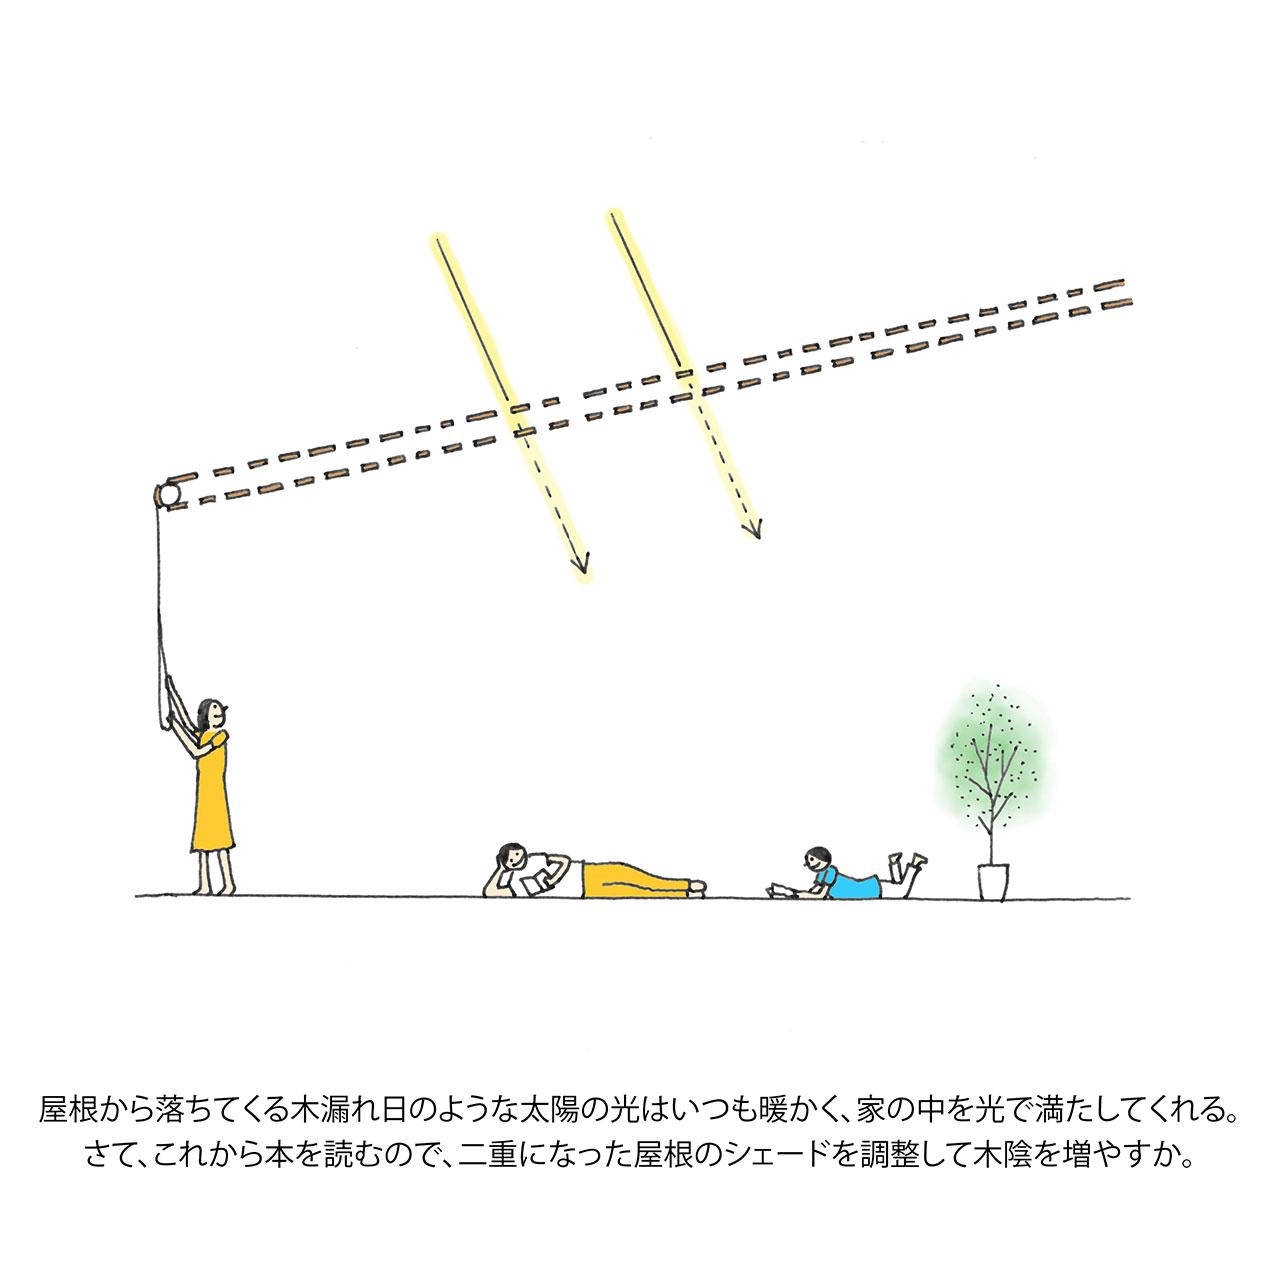 ifuku_09.jpg